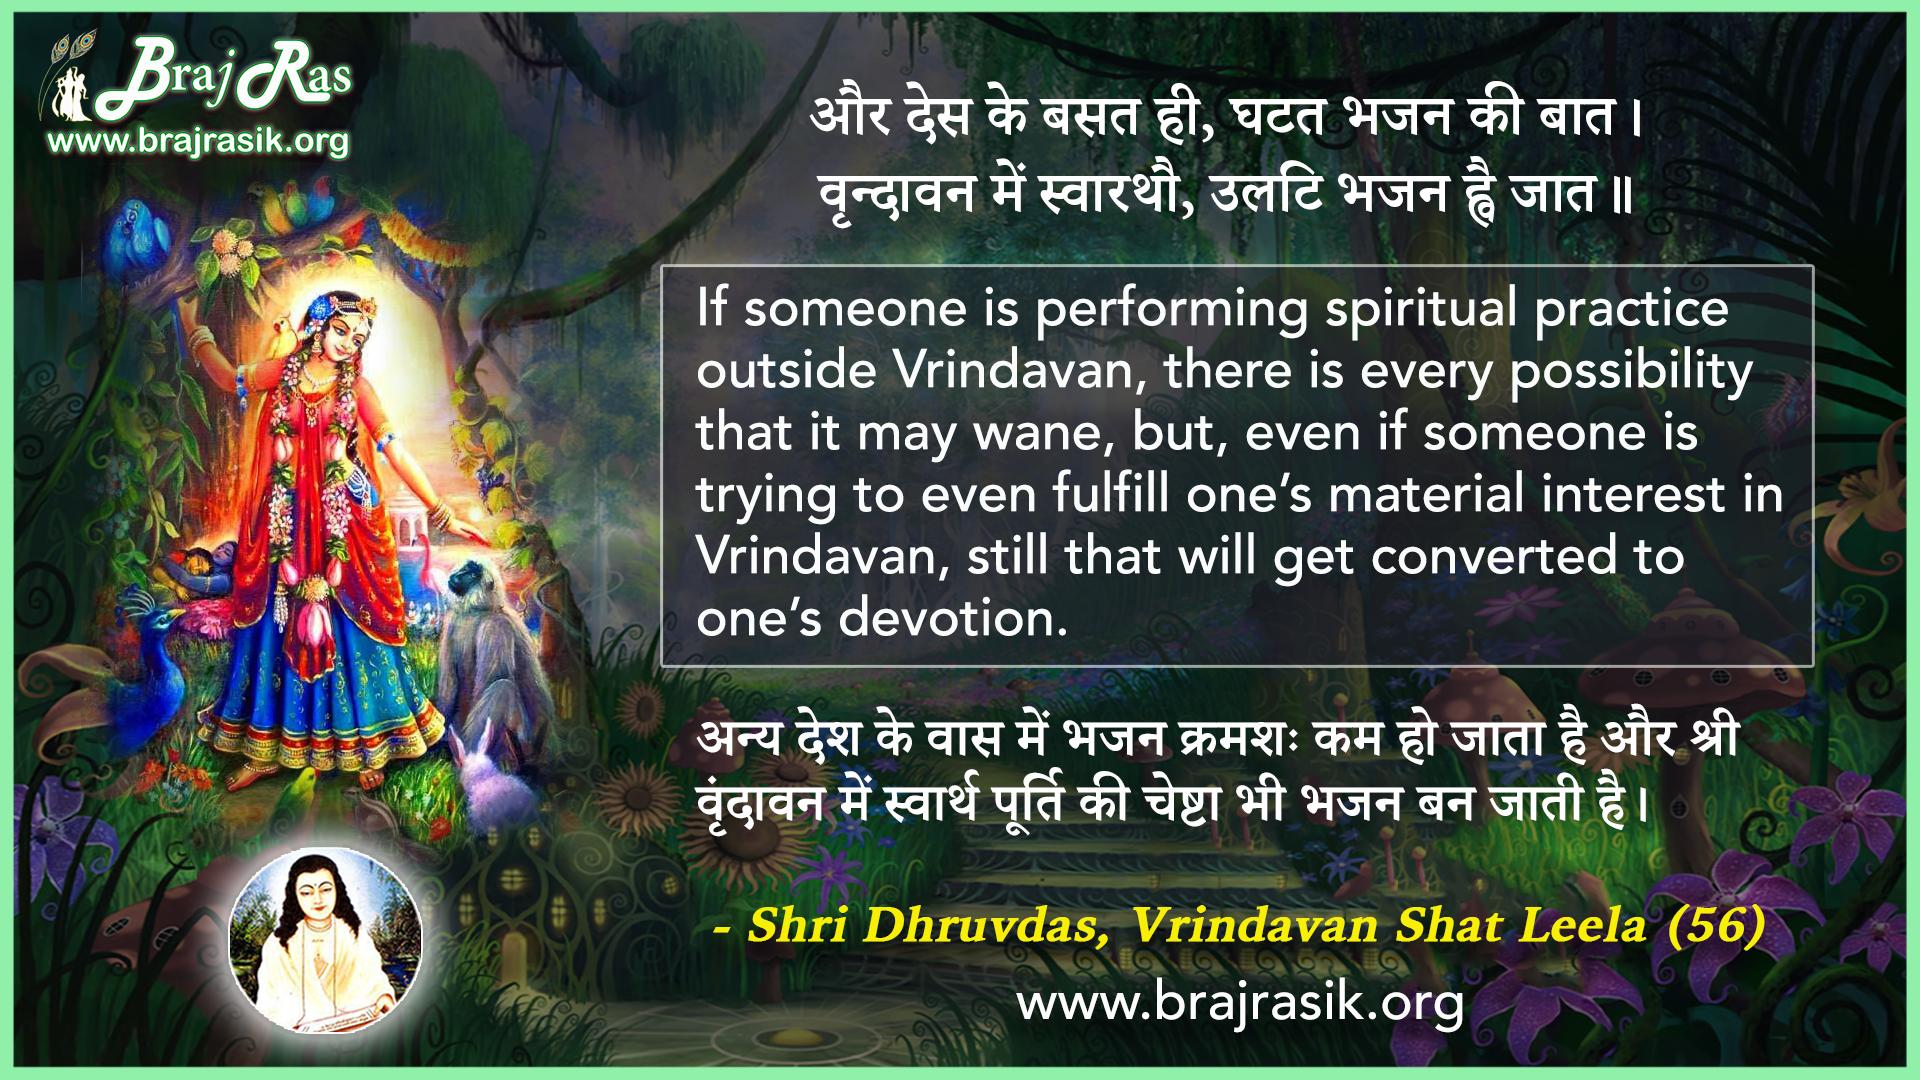 Aur Des Ke Basat Hi, Ghatat Bhajan Ki Baat - Shri Dhruvdas, Vrindavan Shat Leela (56)